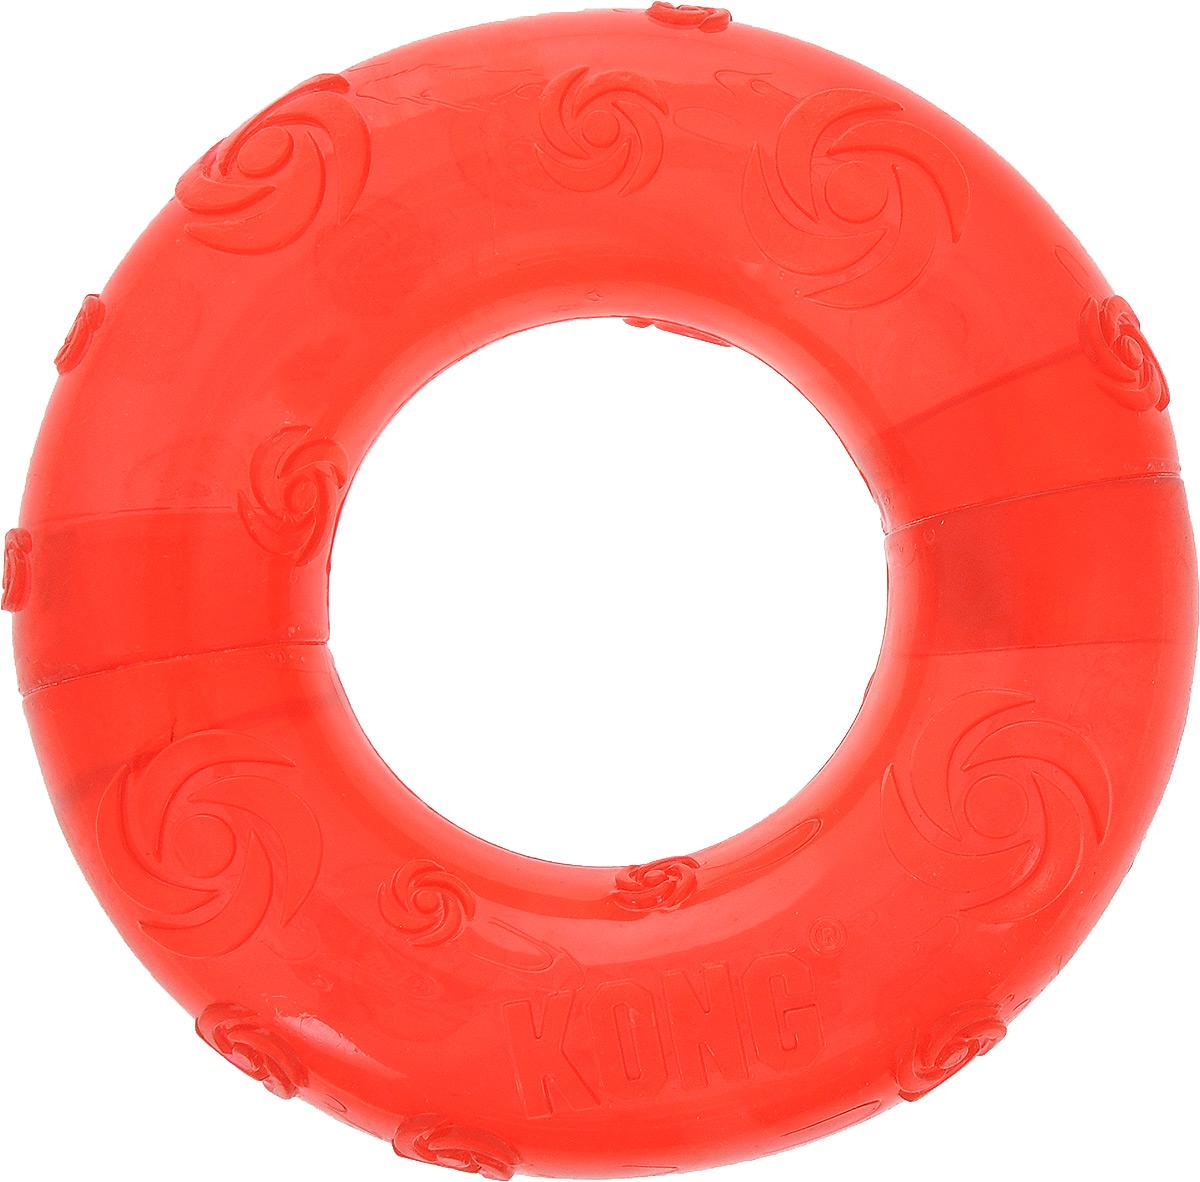 Игрушка для собак Kong Кольцо, с пищалкой, цвет: красный, 15 х 15 х 3,5 см75246Игрушка Kong Кольцо выполнена из высококачественной синтетической резины в виде большого кольца. Пищалка спрятана таким образом, чтобы собака не могла вынуть ее. Такая игрушка привлечет внимание вашего любимца и не оставит его равнодушным.